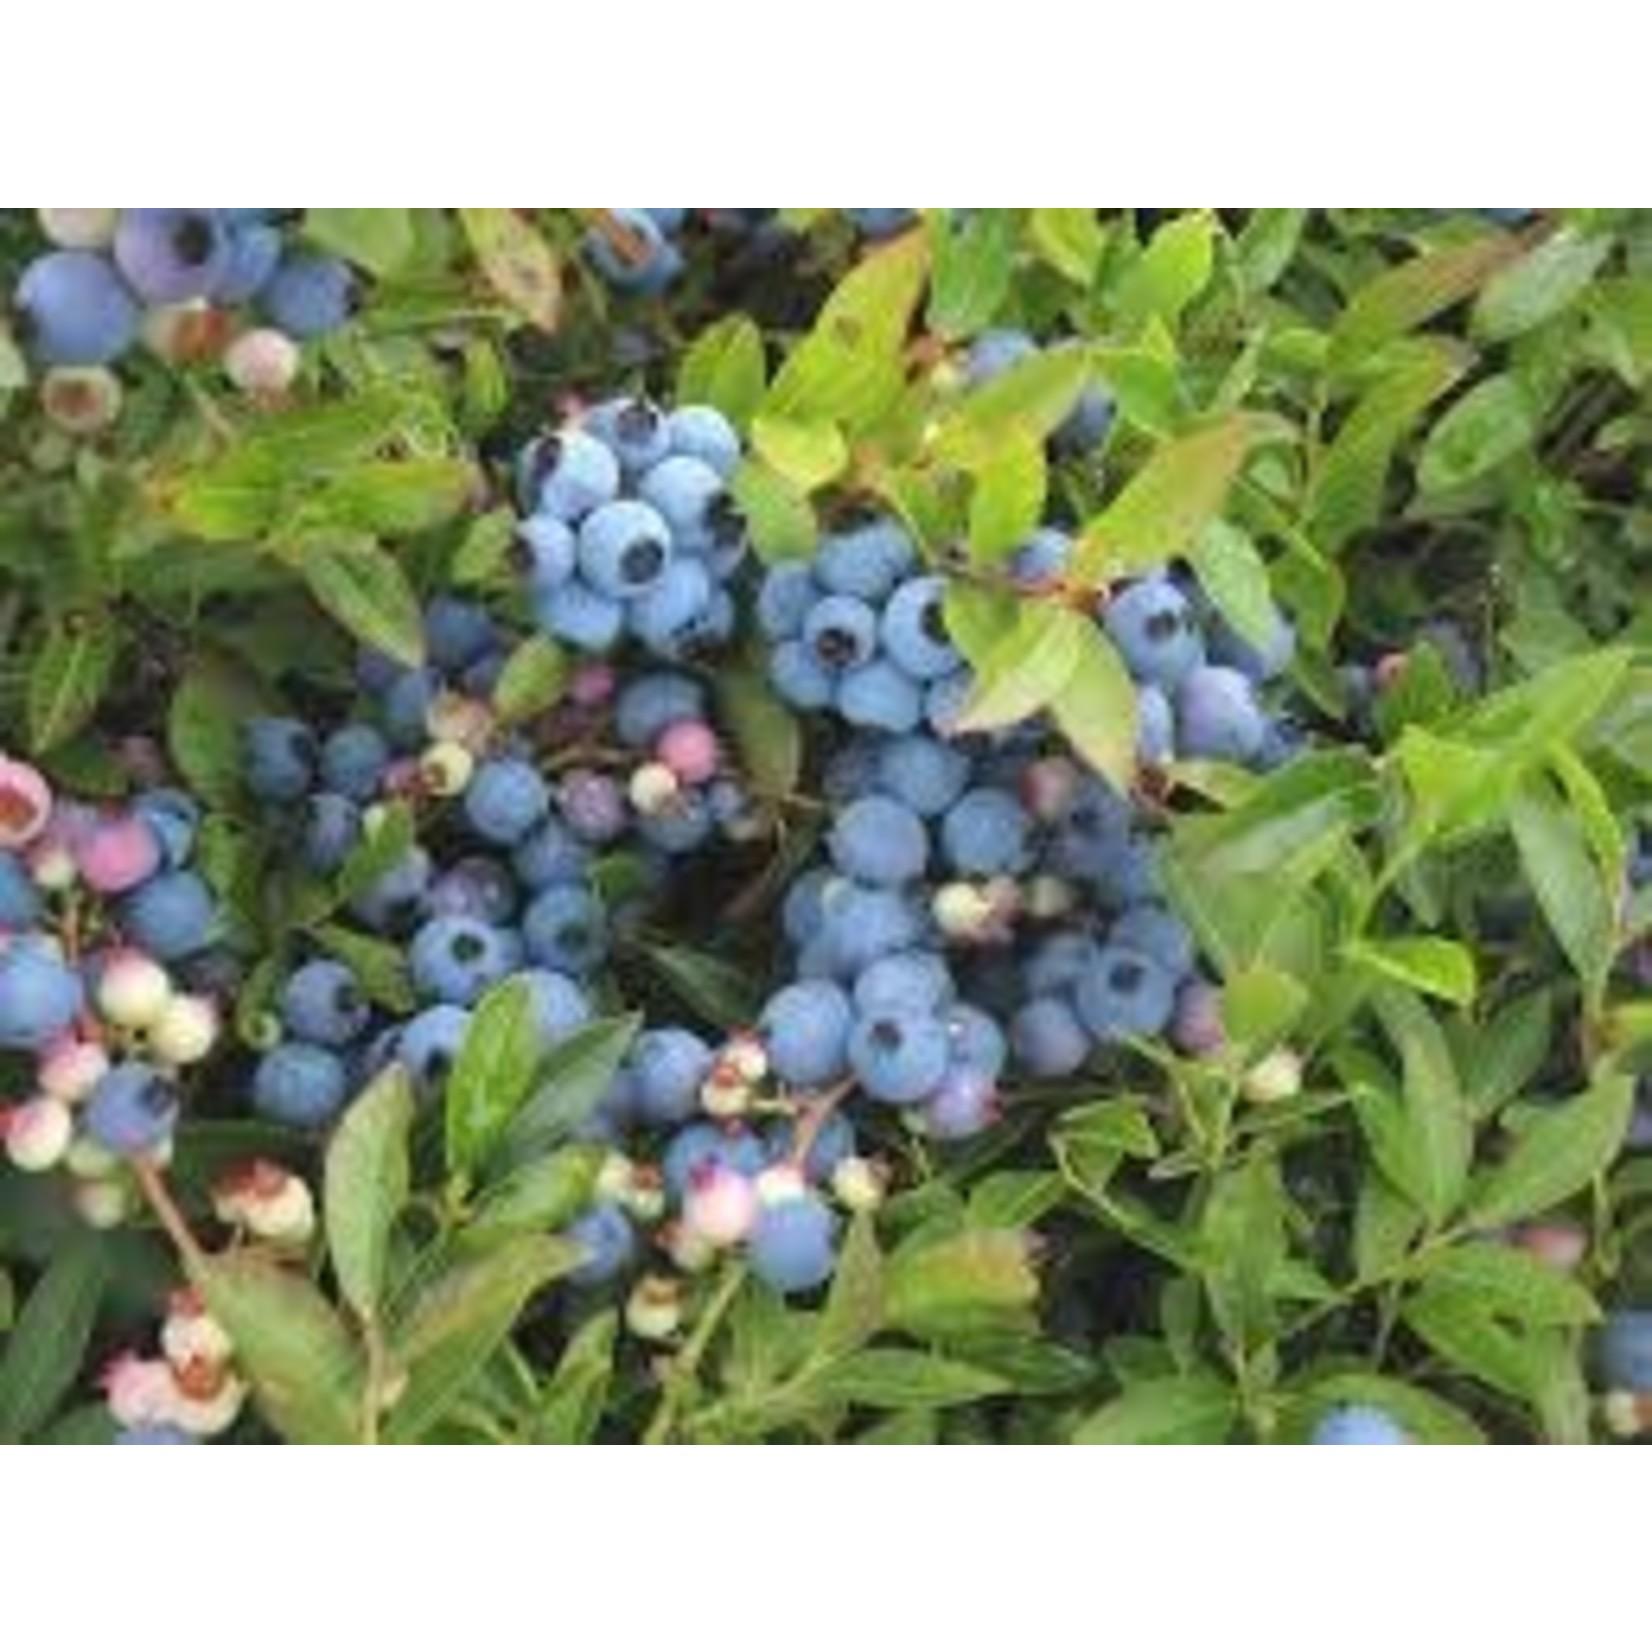 Blueberry 'Vaccinium angustifolium' - 2 gal